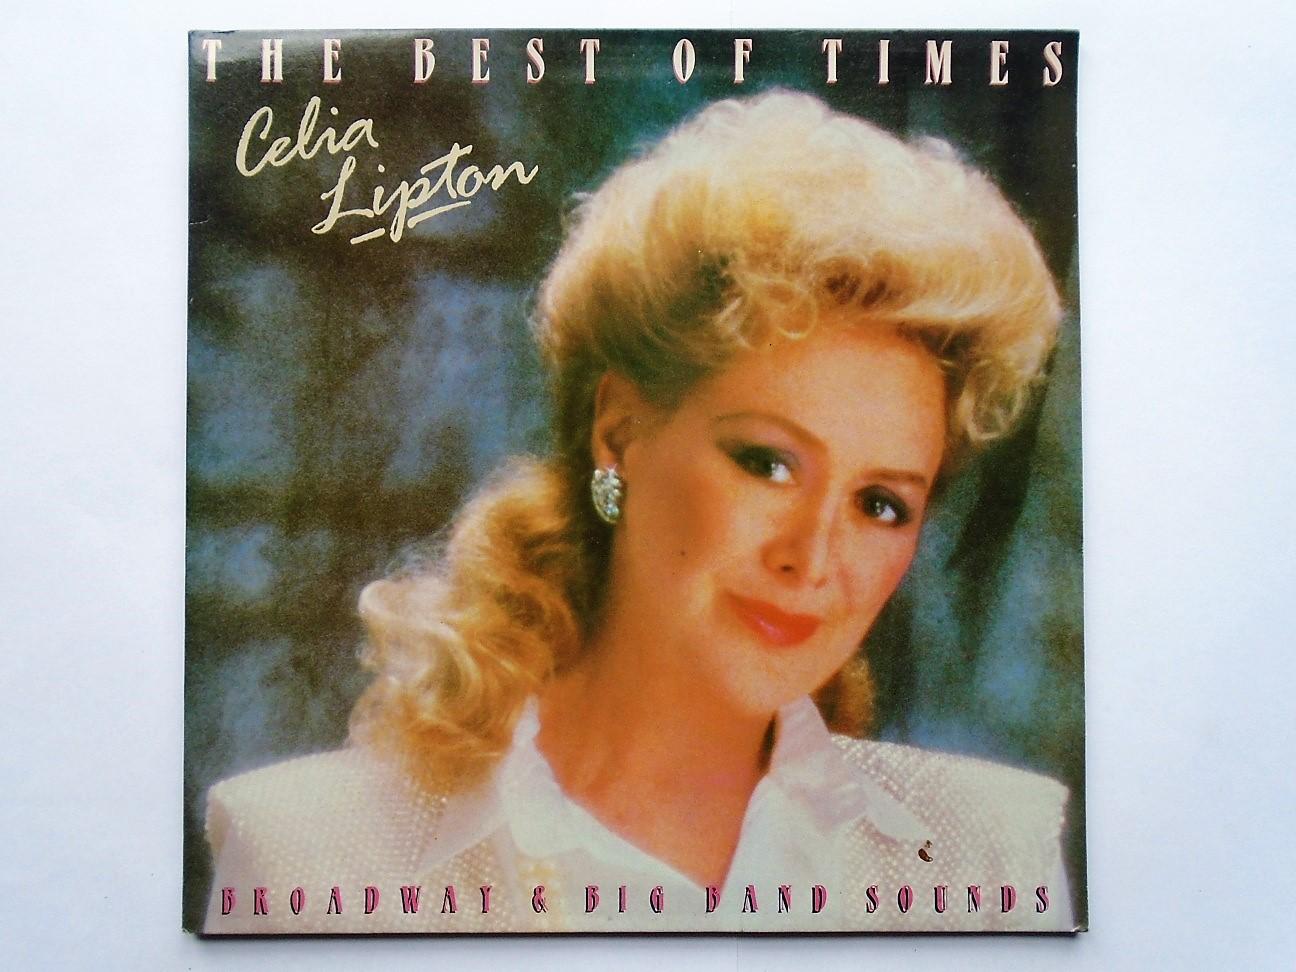 Celia Lipton Celia Lipton new pictures